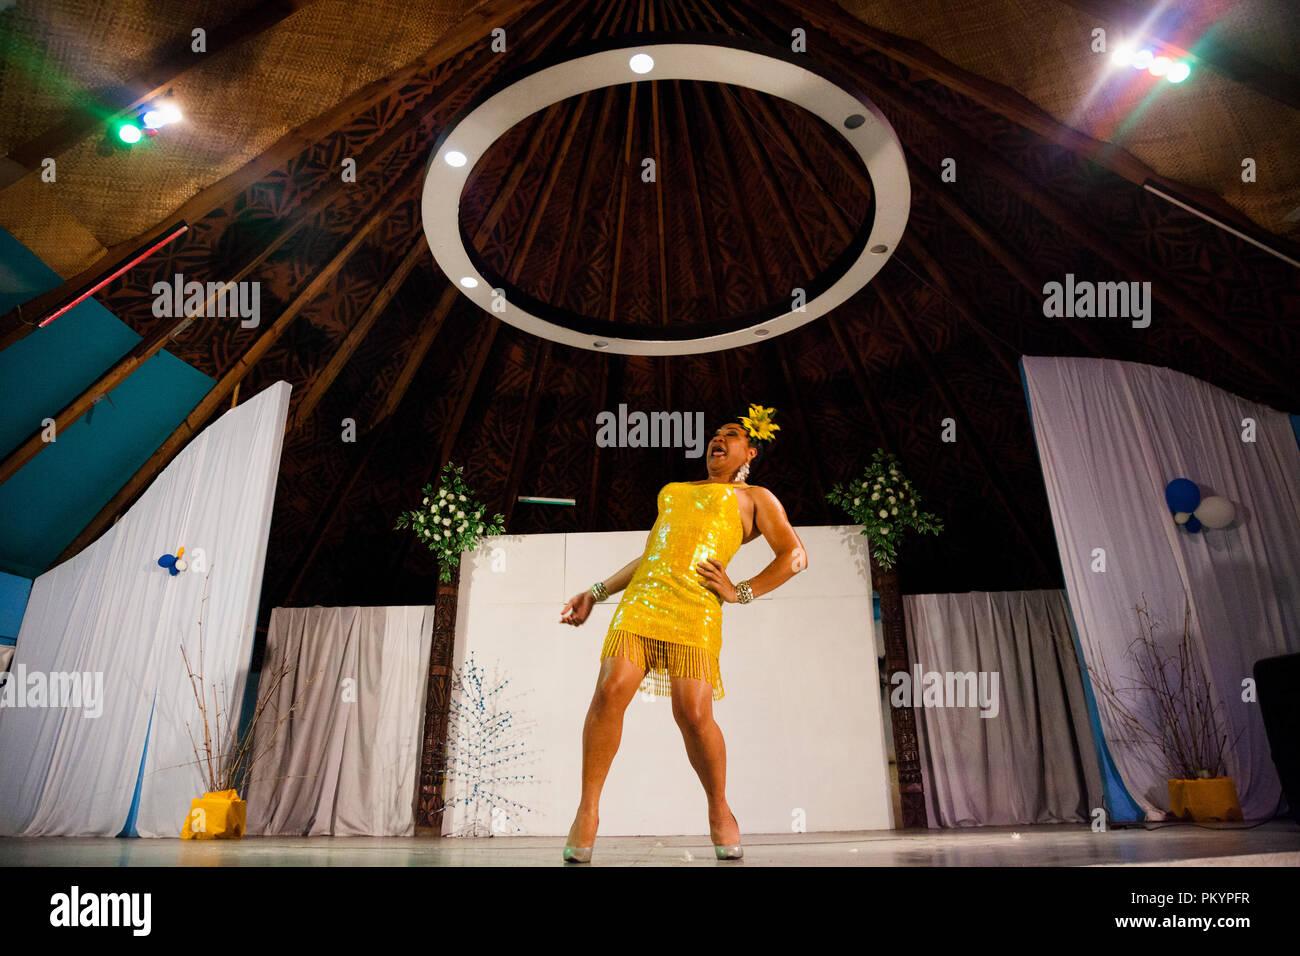 Arrastre un espectáculo en Maliu Mai Bar y Grill, Apia, Samoa. Imagen De Stock